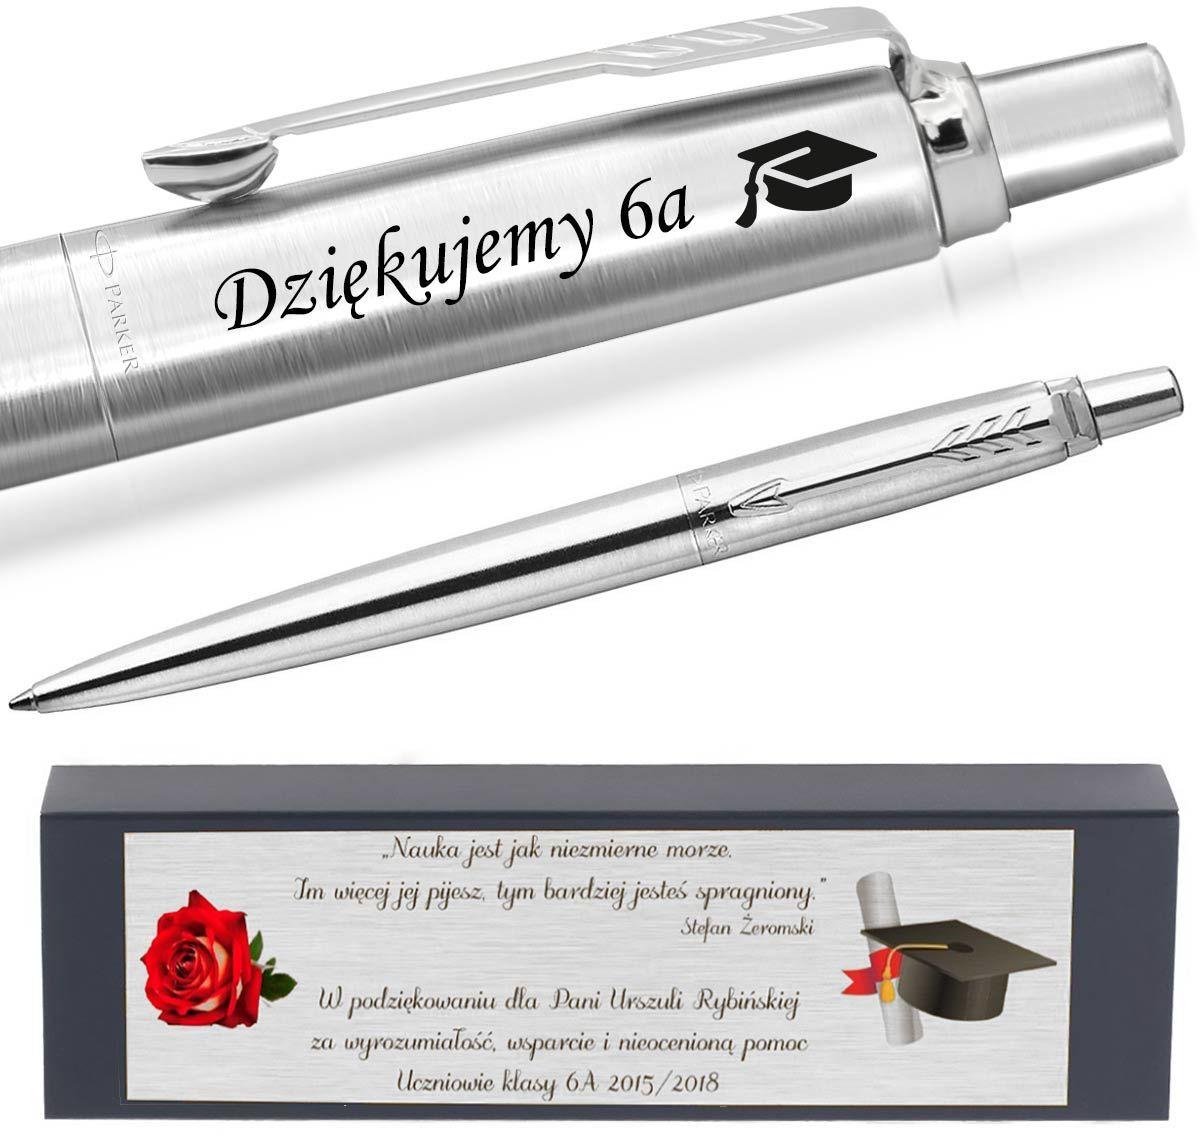 Długopis PARKER Jotter stalowy CT Twój GRAWER Tabliczka z dedykacją